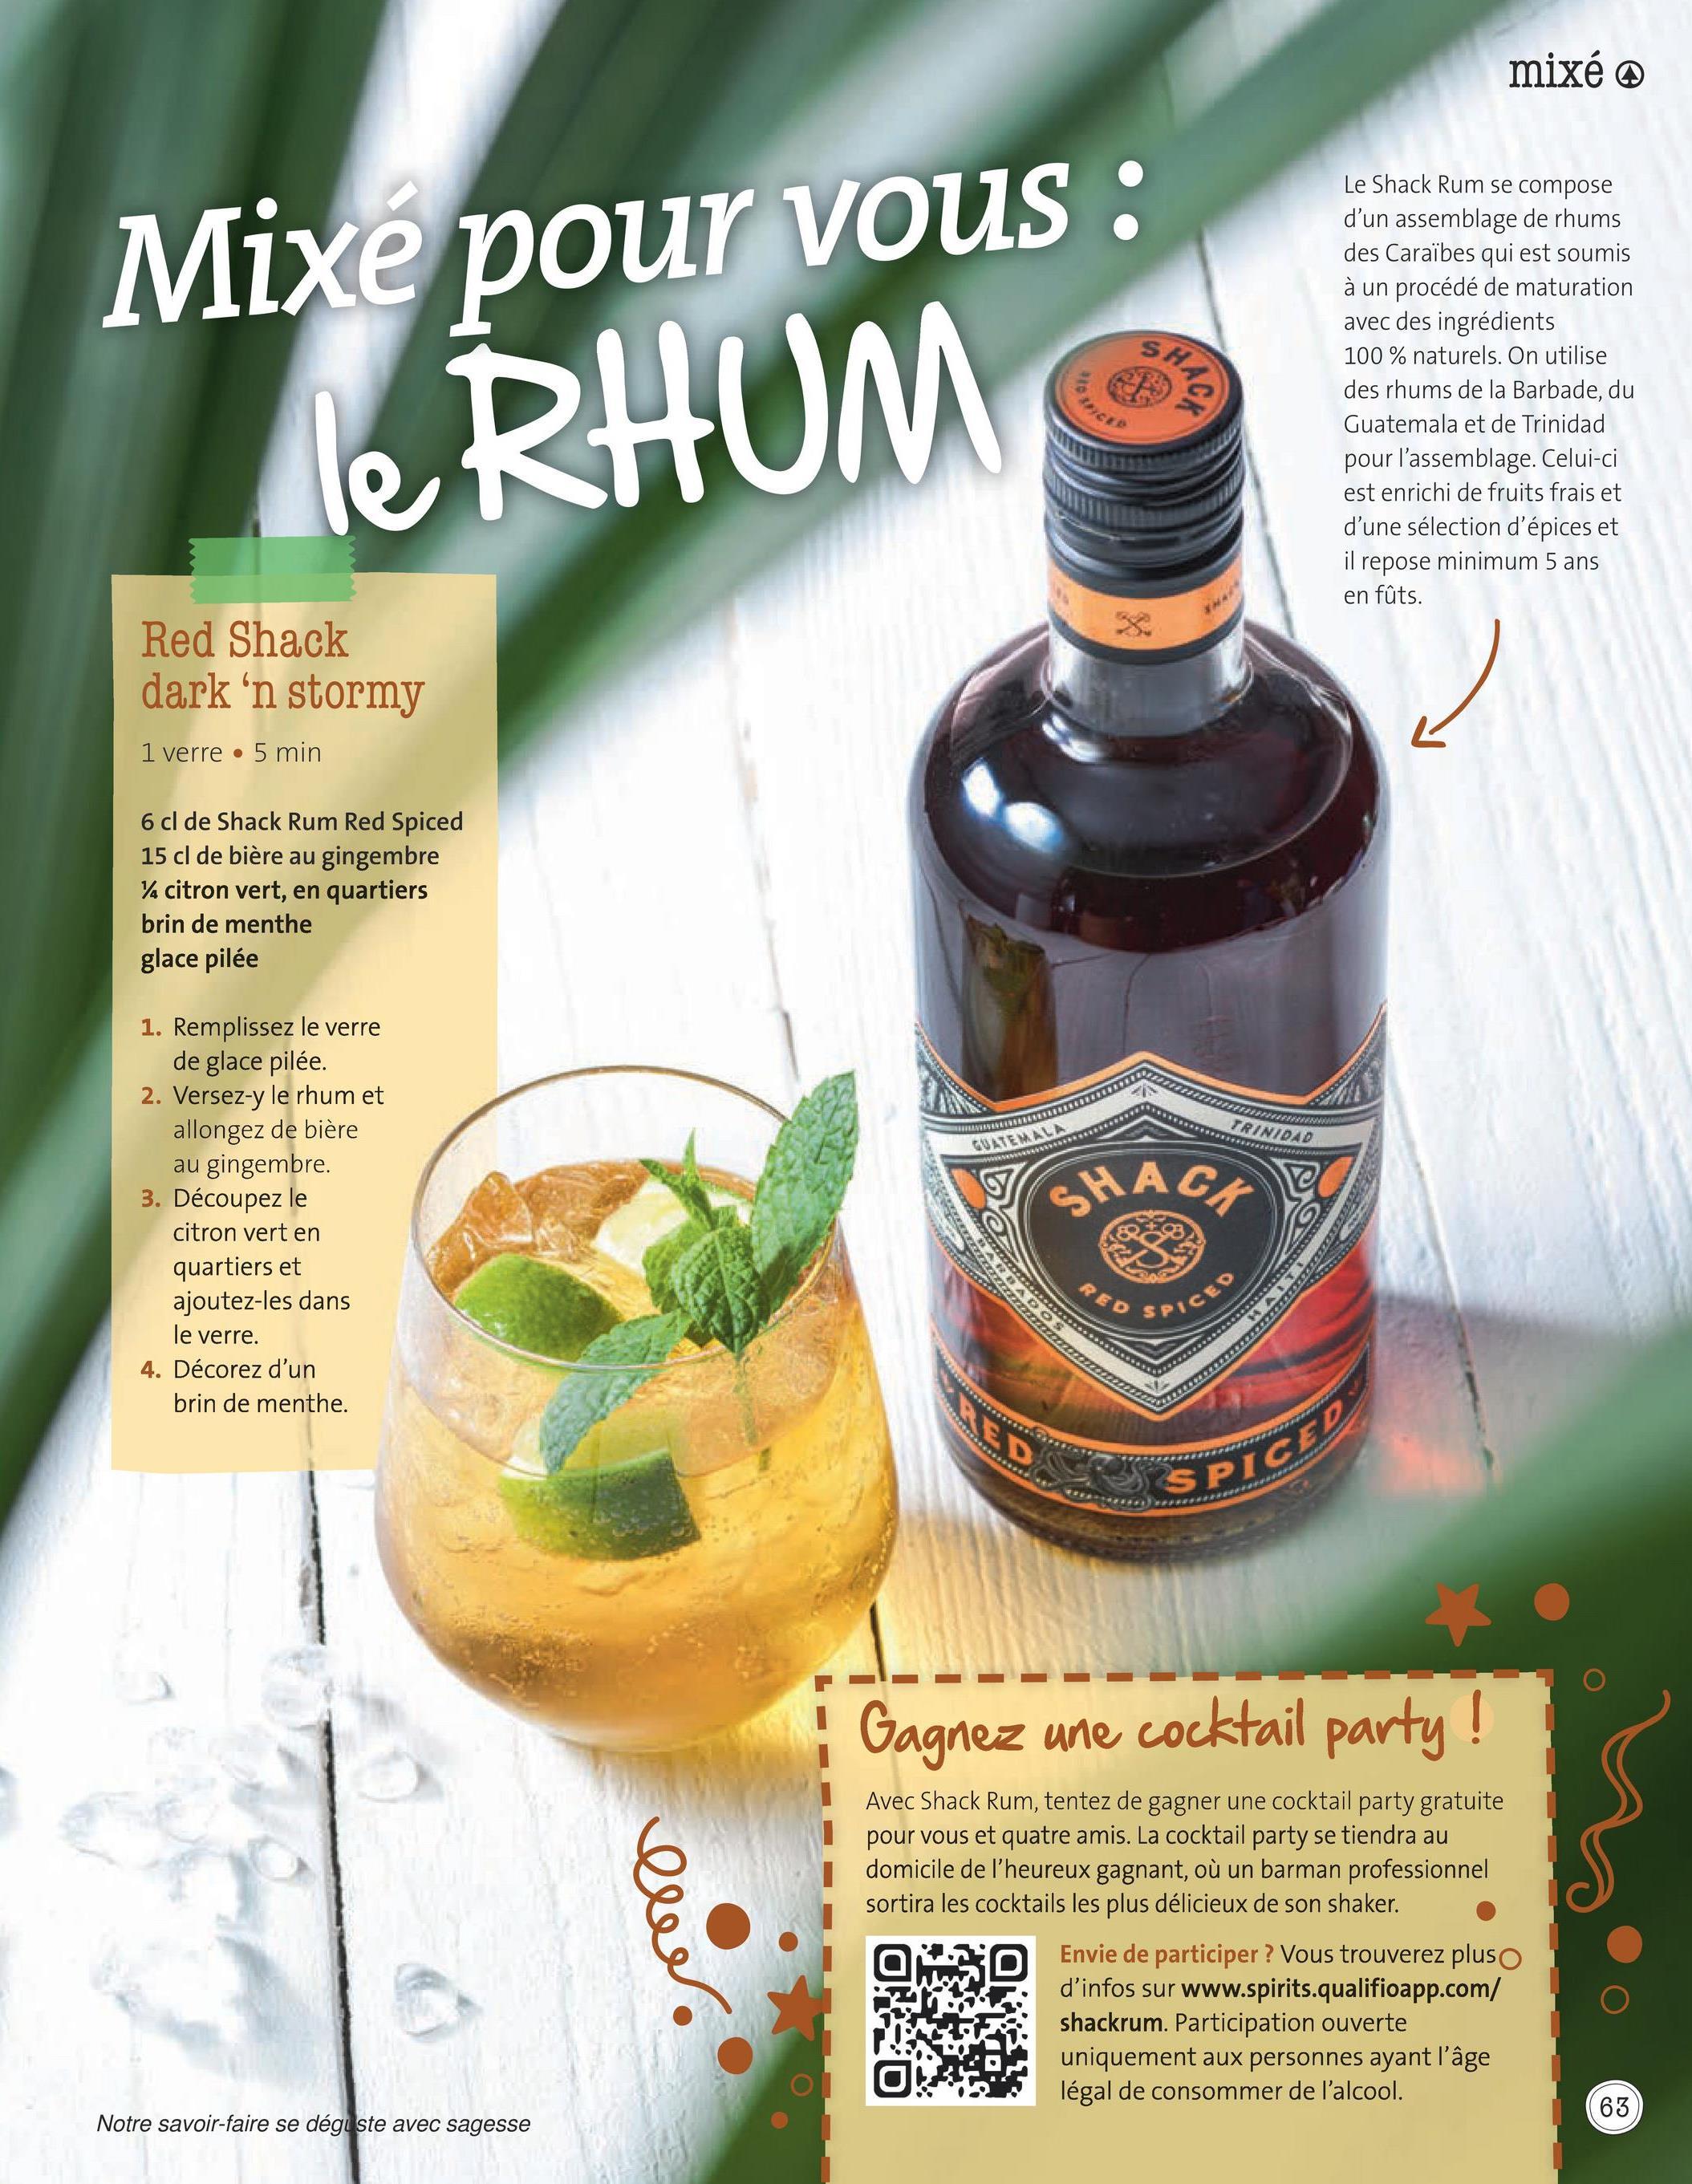 mixé Mixe pour vous : le RHUM net Le Shack Rum se compose d'un assemblage de rhums des Caraïbes qui est soumis à un procédé de maturation avec des ingrédients 100% naturels. On utilise des rhums de la Barbade, du Guatemala et de Trinidad pour l'assemblage. Celui-ci est enrichi de fruits frais et d'une sélection d'épices et il repose minimum 5 ans en fûts. Red Shack dark 'n stormy 1 verre 5 min 6 cl de Shack Rum Red Spiced 15 cl de bière au gingembre Ya citron vert, en quartiers brin de menthe glace pilée TRINIDAD GUATEMALN 1. Remplissez le verre de glace pilée. 2. Versez-y le rhum et allongez de bière au gingembre. 3. Découpez le citron vert en quartiers et ajoutez-les dans le verre. 4. Décorez d'un brin de menthe. SHAGA *** 22 NO. KO RED ALL ***** SPICE RED SPICIO Gagnez une cocktail party! ewe. Avec Shack Rum, tentez de gagner une cocktail party gratuite pour vous et quatre amis. La cocktail party se tiendra au domicile de l'heureux gagnant, où un barman professionnel sortira les cocktails les plus délicieux de son shaker. Envie de participer ? Vous trouverez plus d'infos sur www.spirits.qualifioapp.com/ shackrum. Participation ouverte uniquement aux personnes ayant l'âge légal de consommer de l'alcool. 63 Notre savoir-faire se dégi ste avec sagesse